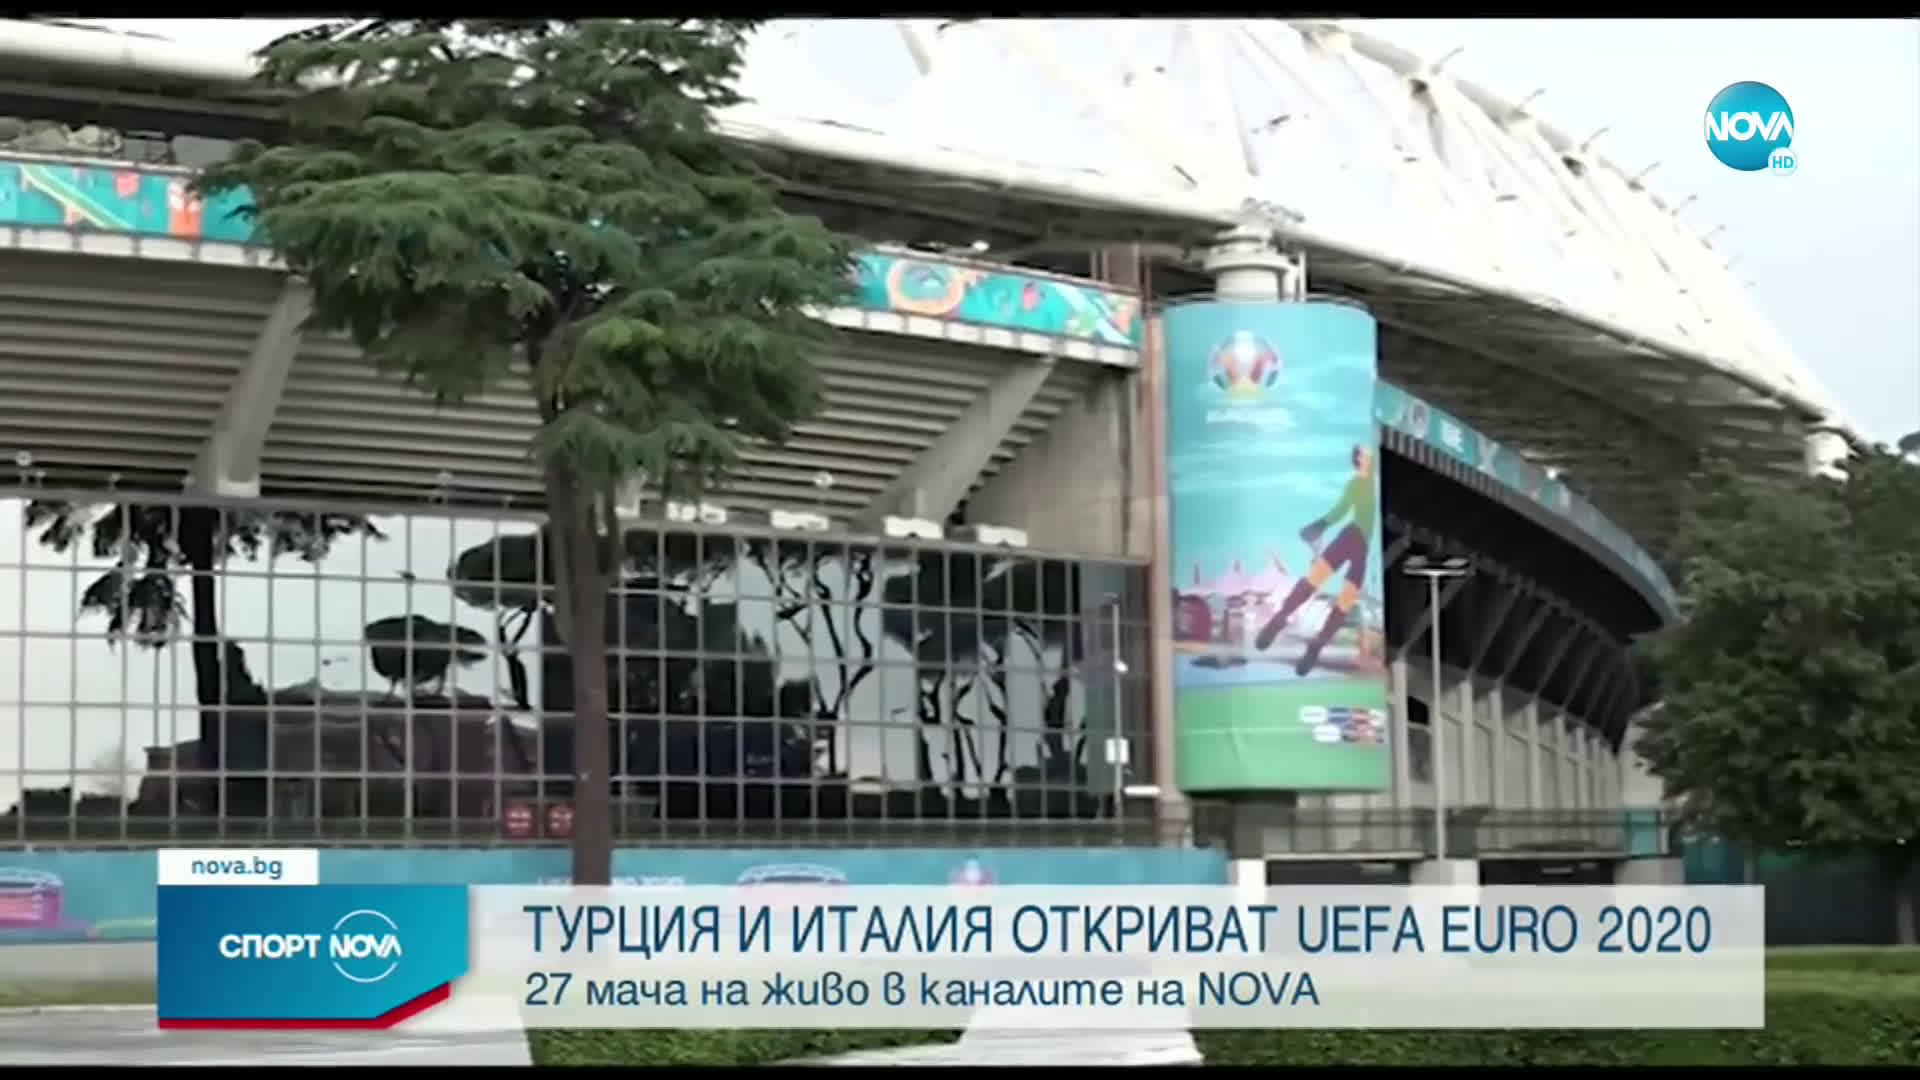 Турция и Италия откриват UEFA EURO 2020